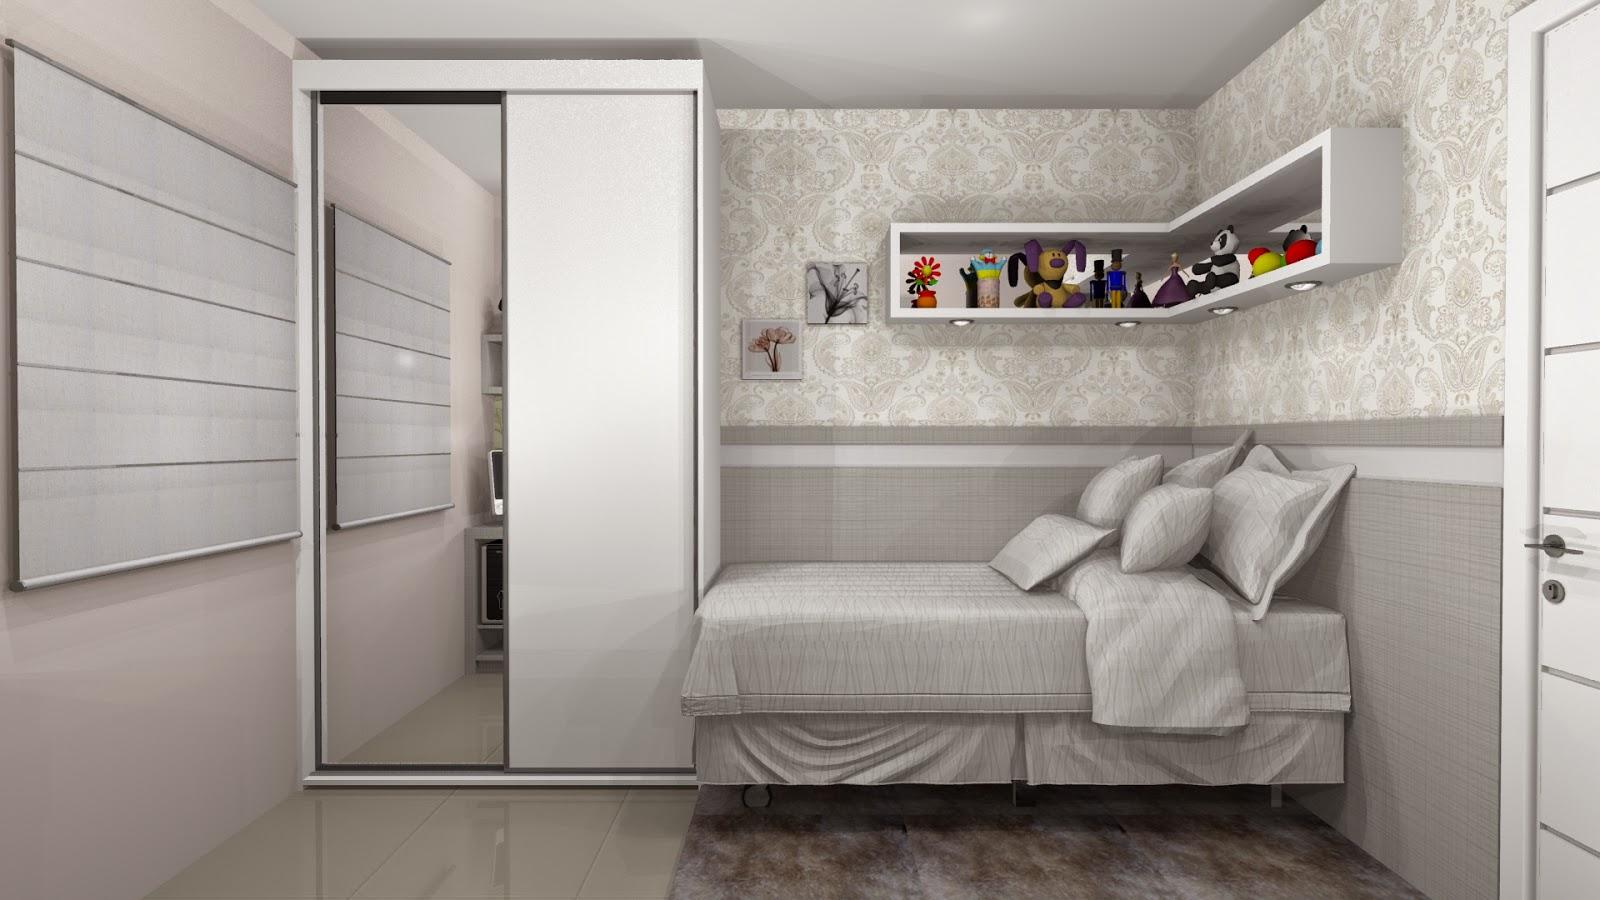 Construindo sonhos abril 2015 - Textil dormitorio ...